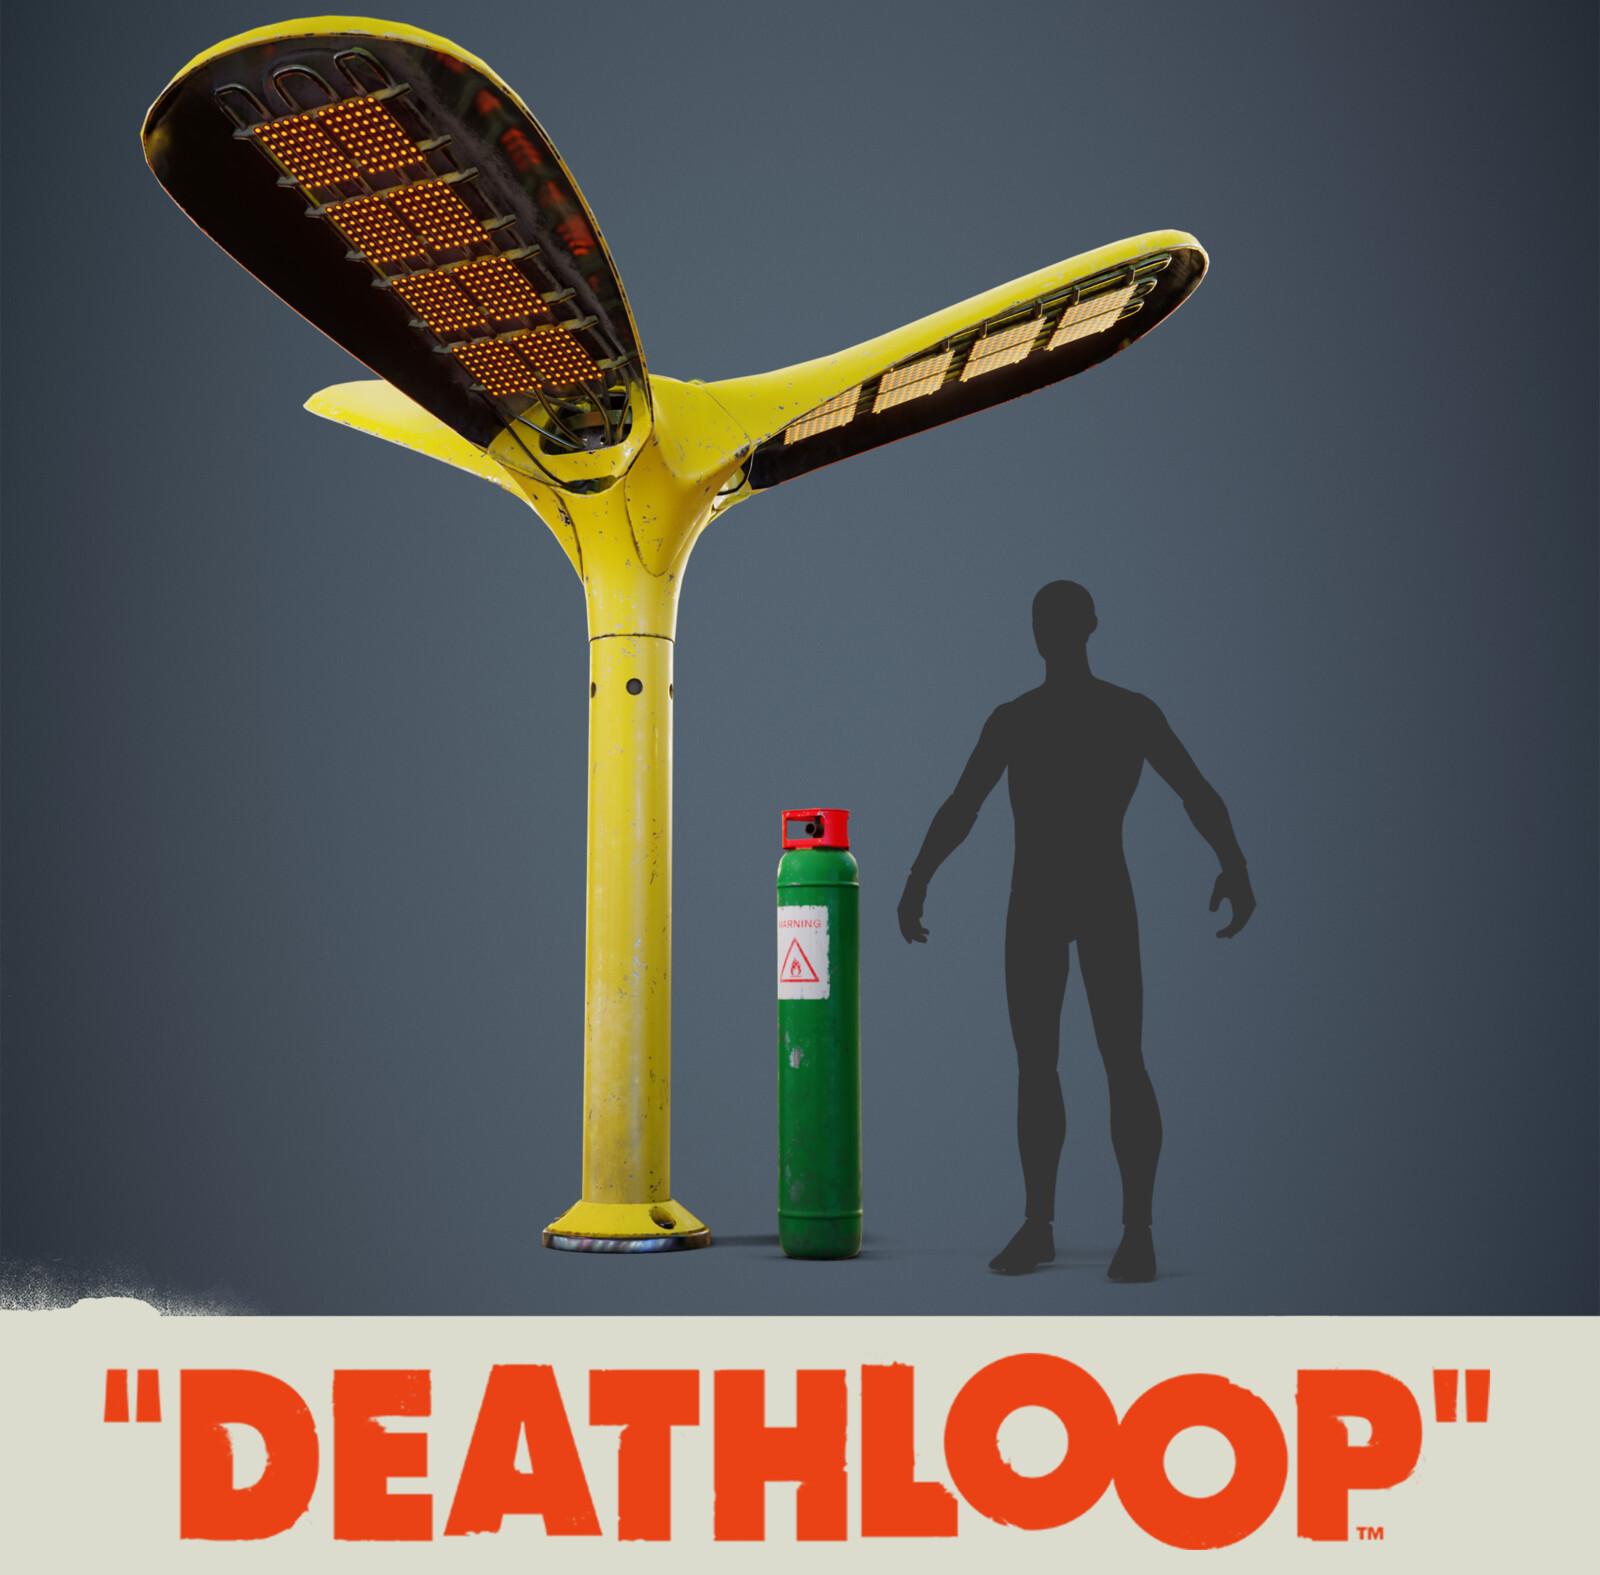 Street Heater: Deathloop Prop